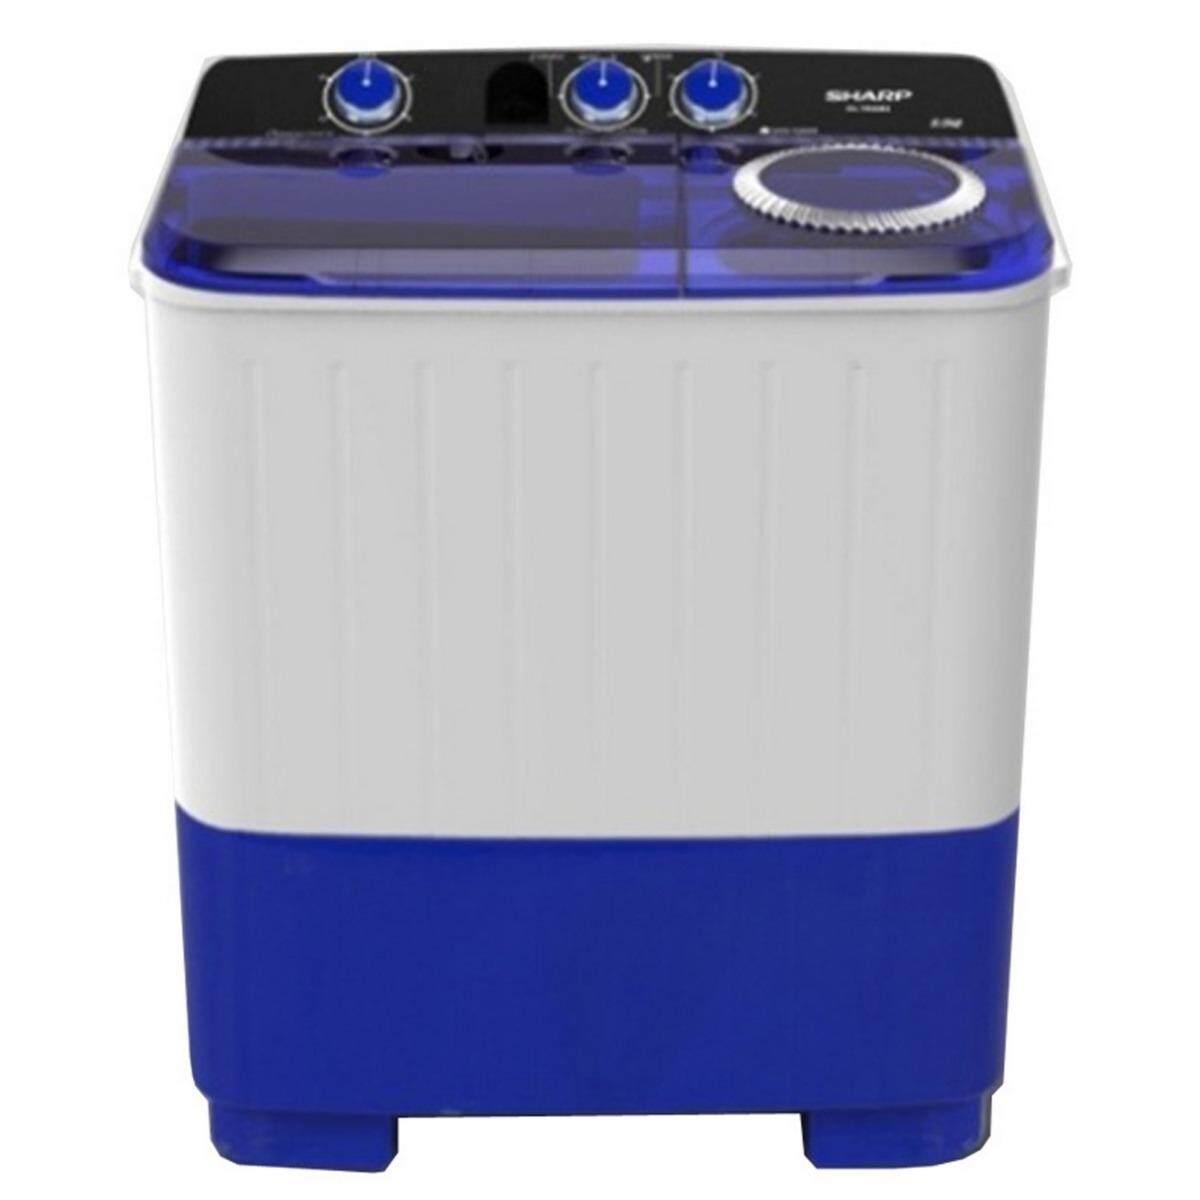 ของแท้ ลดราคา เครื่องซักผ้า Imarflex ลดราคา -30% Imarflex เครื่องซักผ้าสองถัง รุ่น WM-201 ขนาด 2 กก. ขายถูกๆ ส่งฟรี